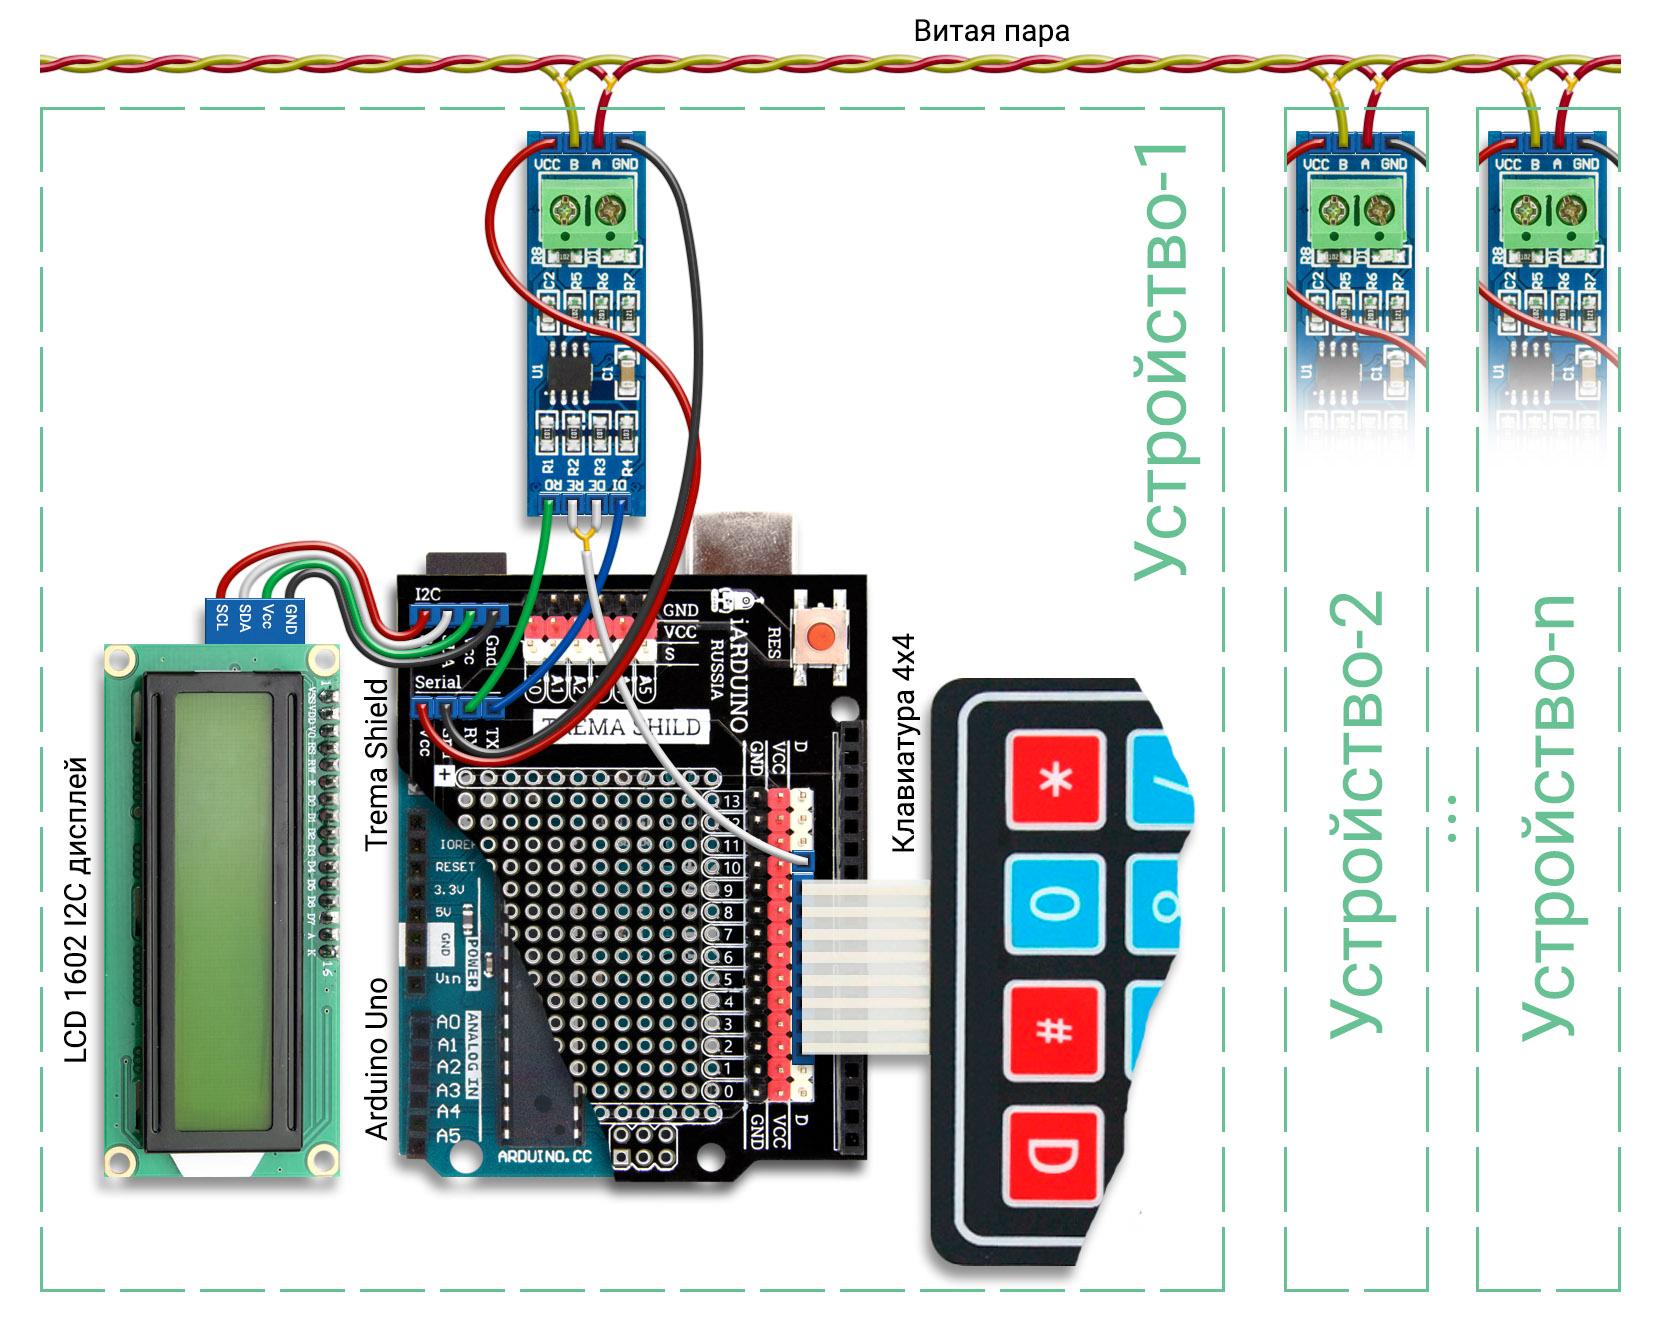 Схема соединения нескольких Arduino по стандарту RS485